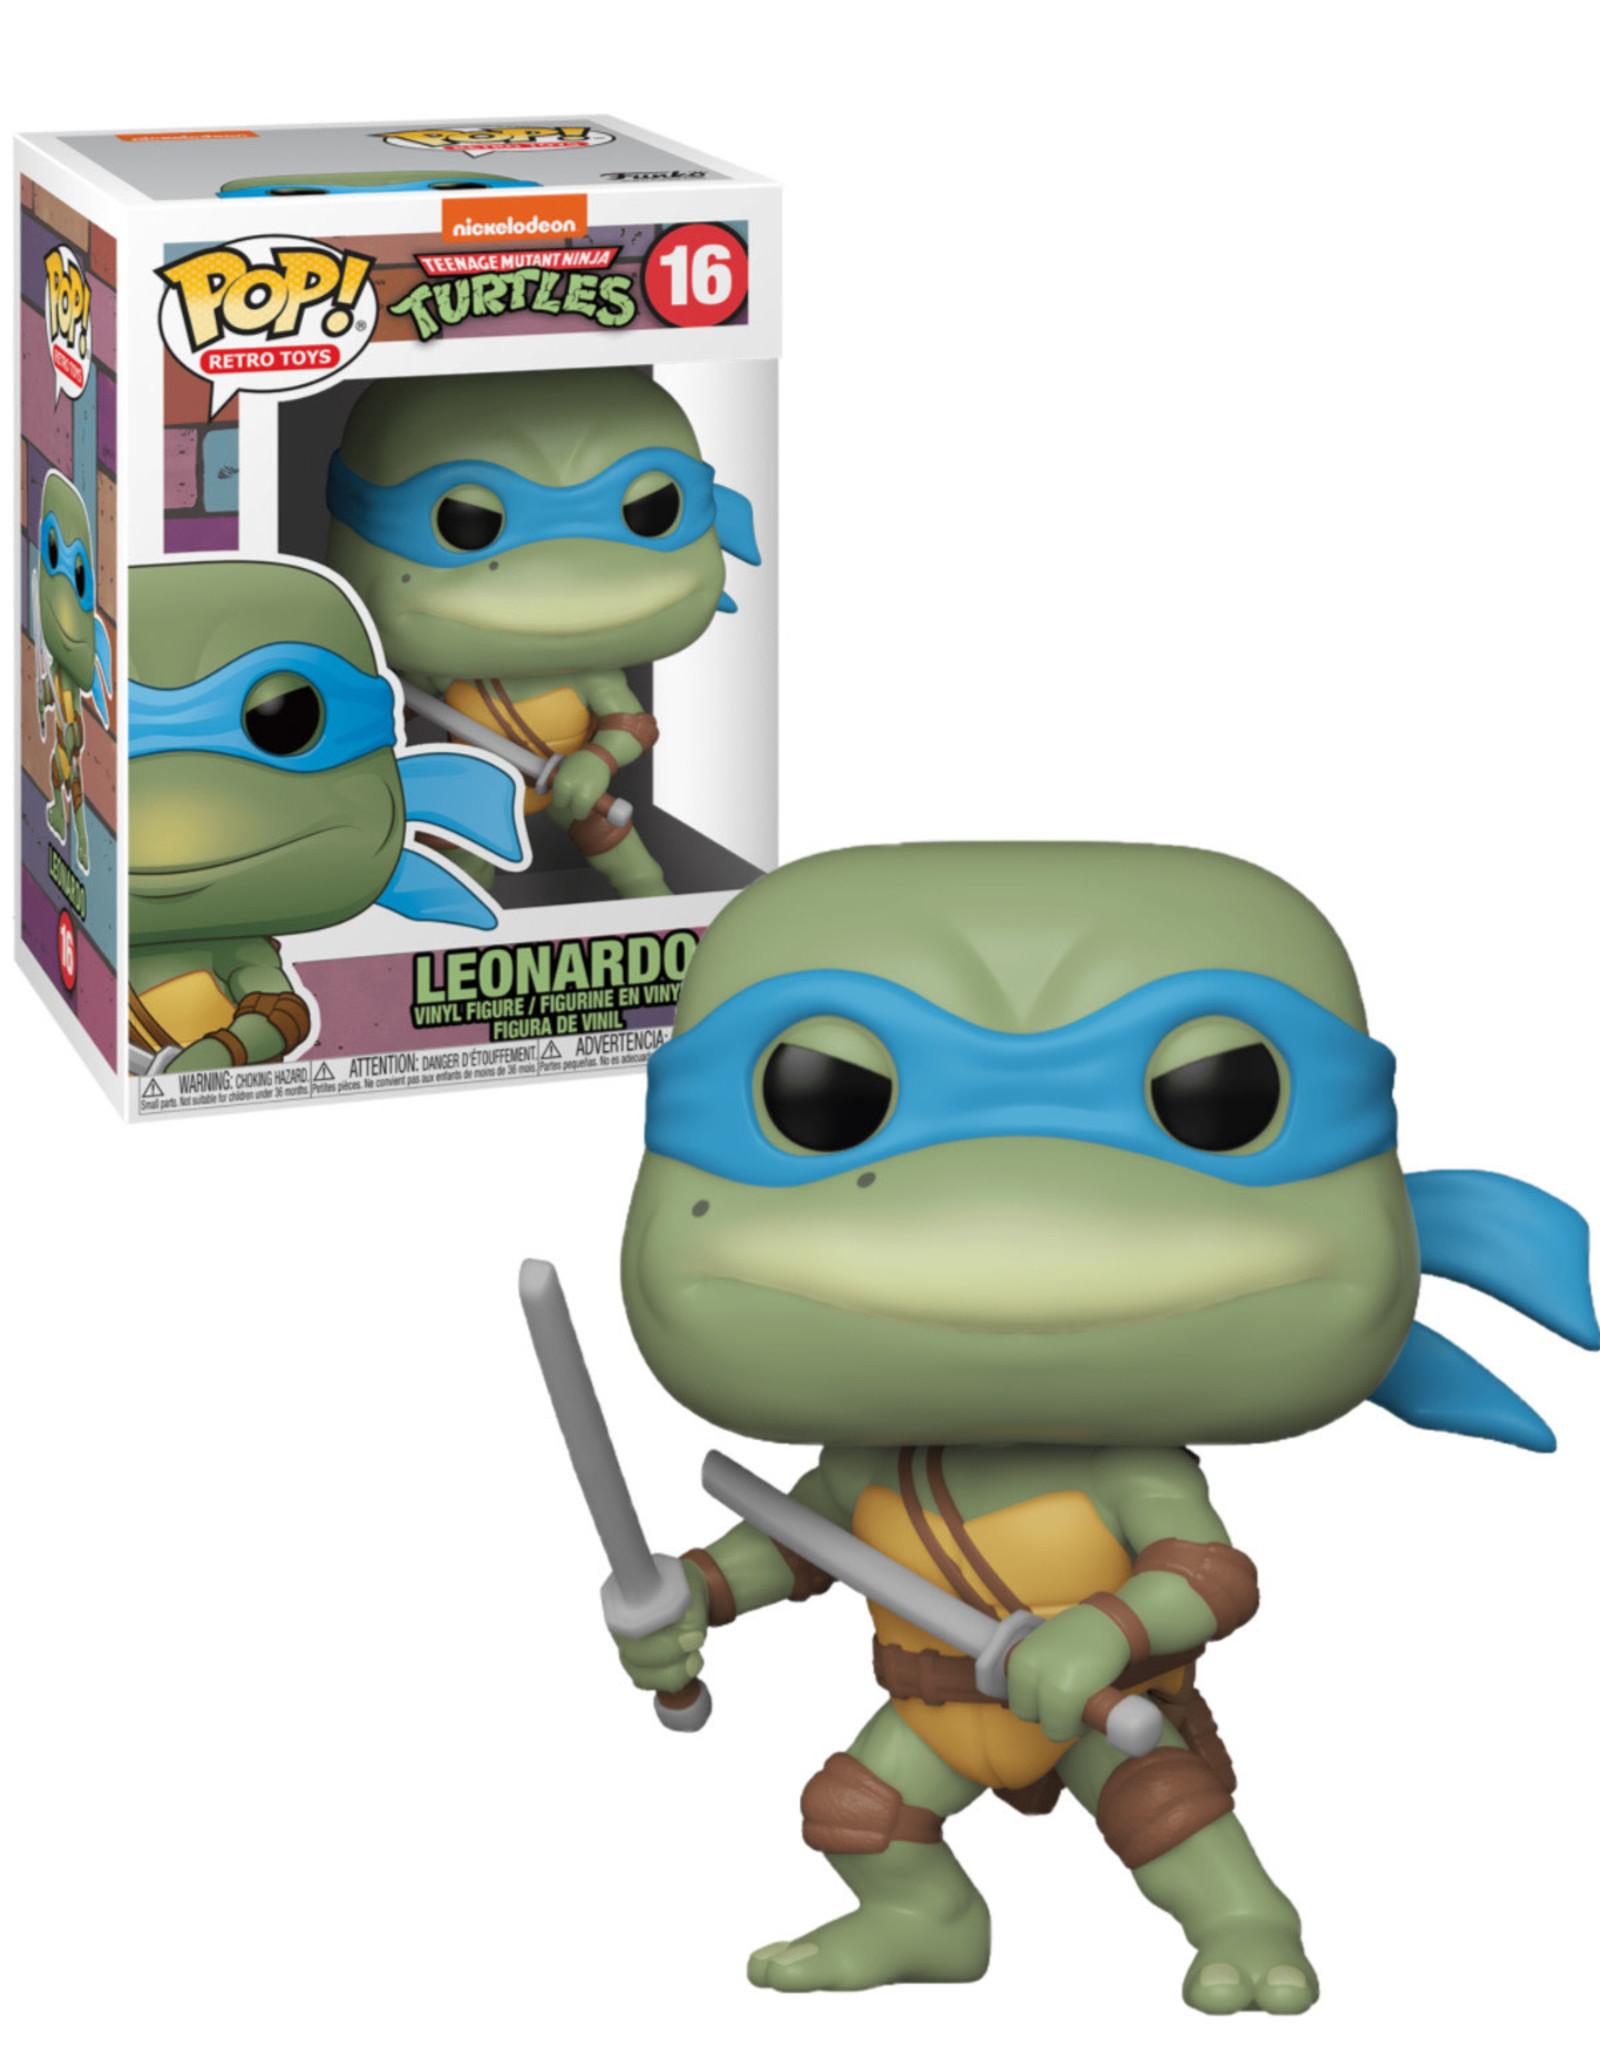 Teenage Mutant Ninja Turtles 16 ( Funko Pop ) Leonardo